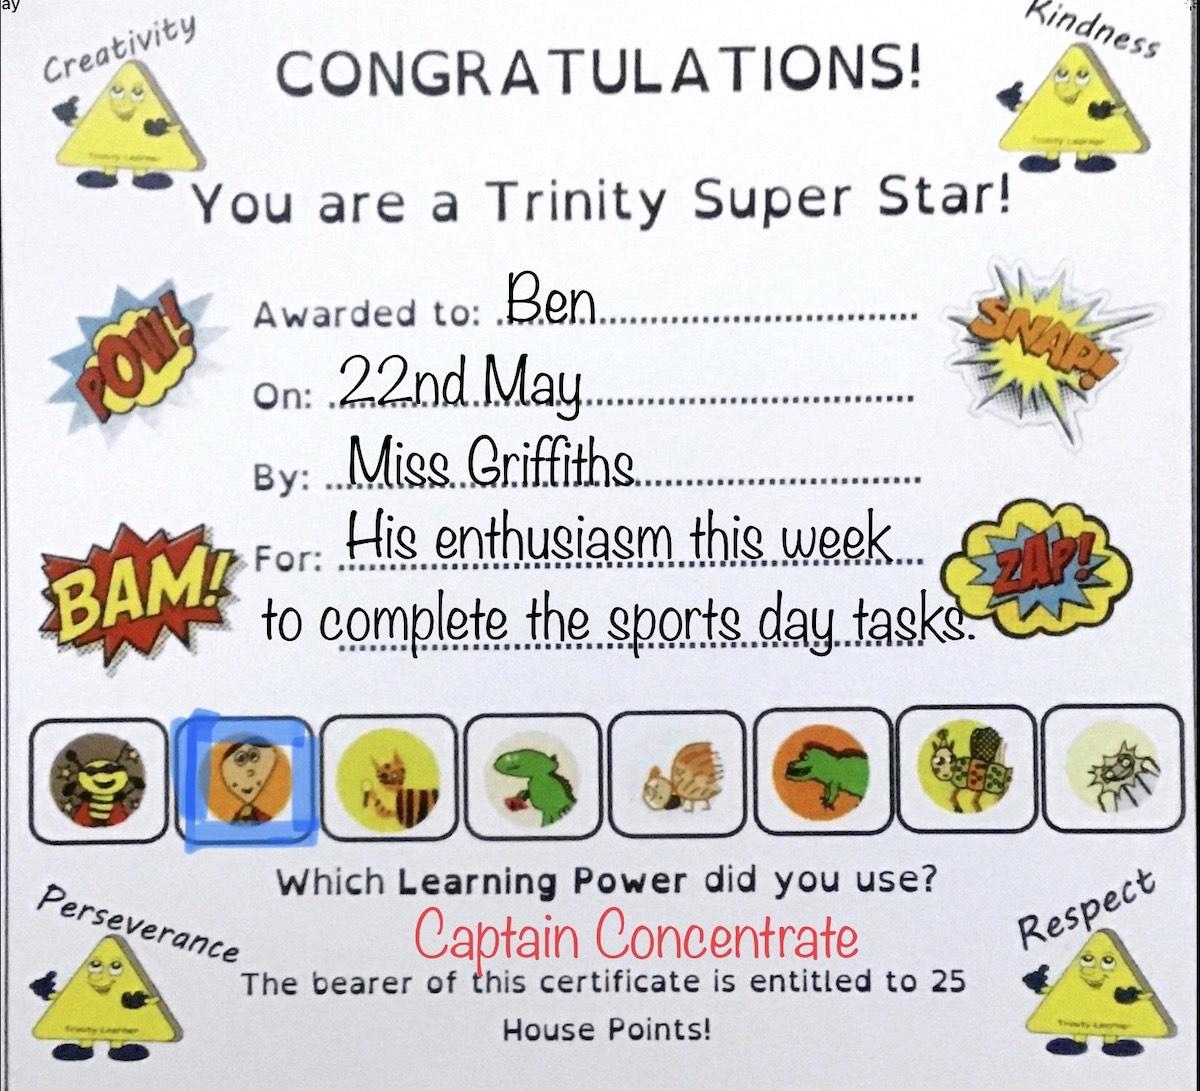 P5G - Ben's certificate